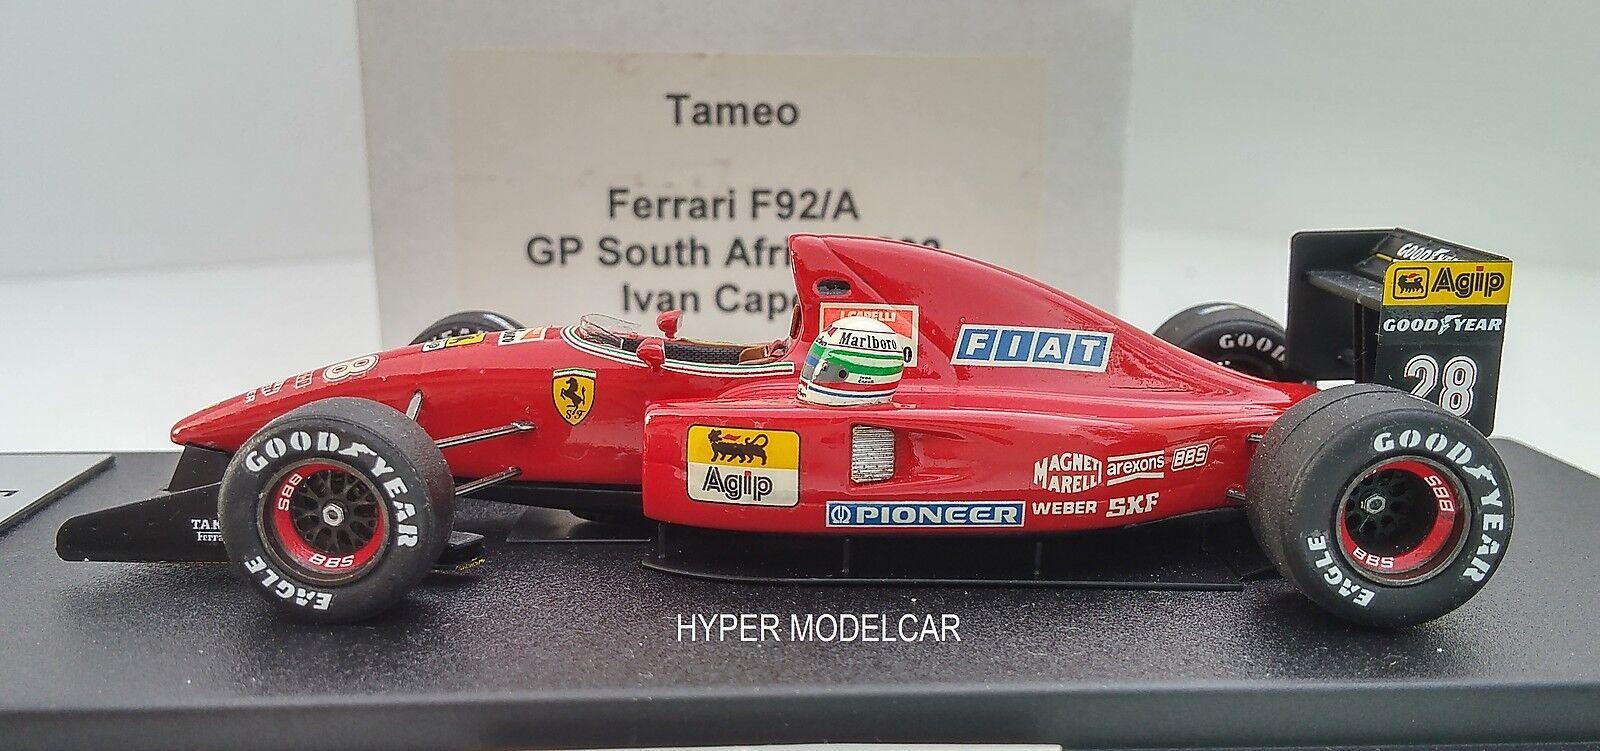 Tameo kit 1   43 formel - 1 - ferrari f92a   28. gp südafrika 1992 capelli - mit helm.